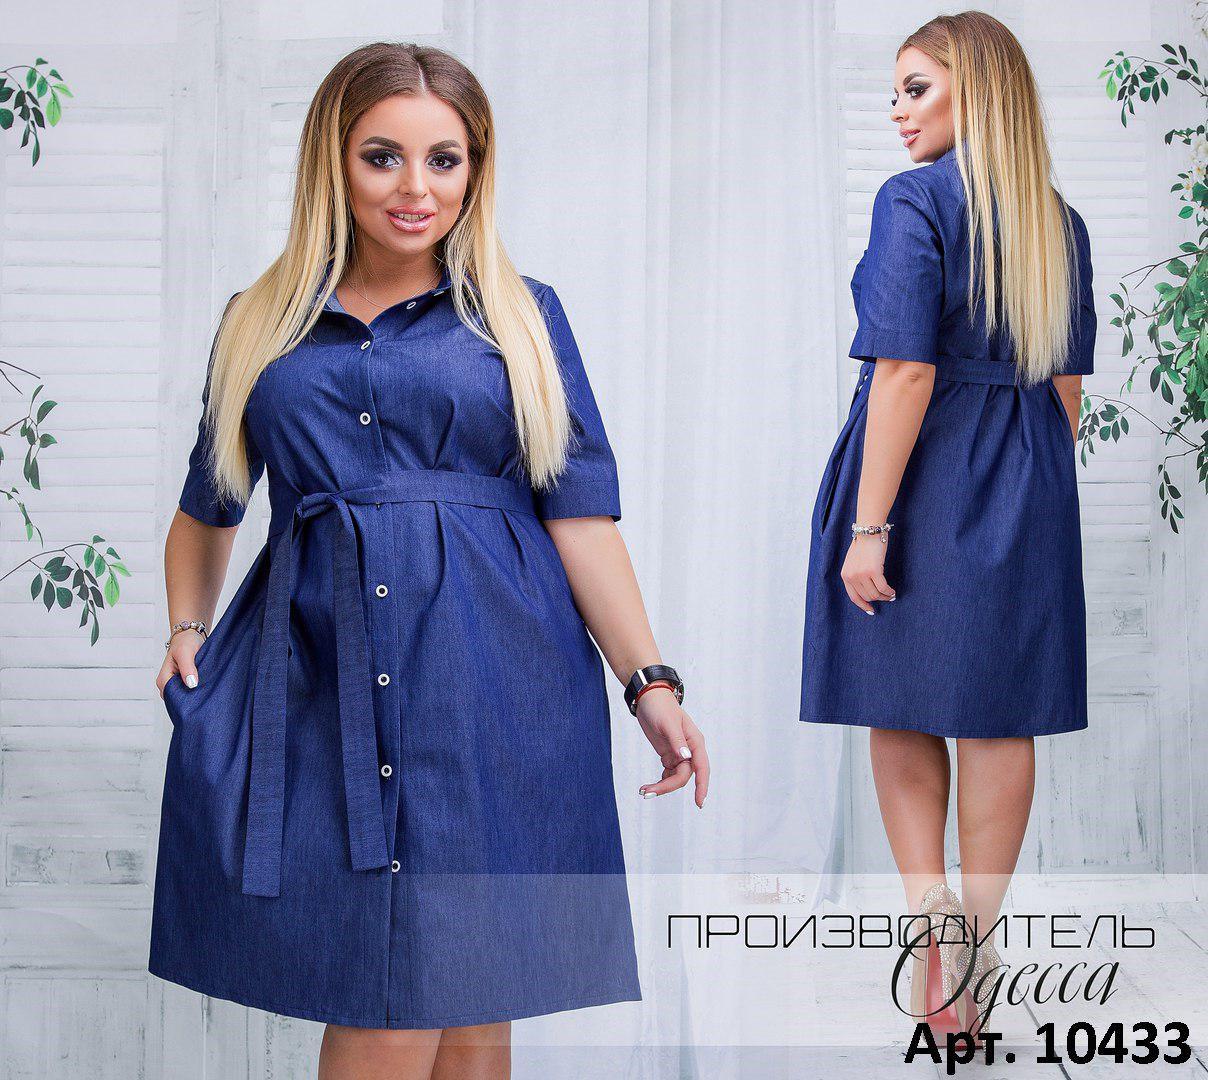 0ee4cb2df163 Легкое джинсовое платье-рубашка большого размера Производитель Одесса  раз.48-62